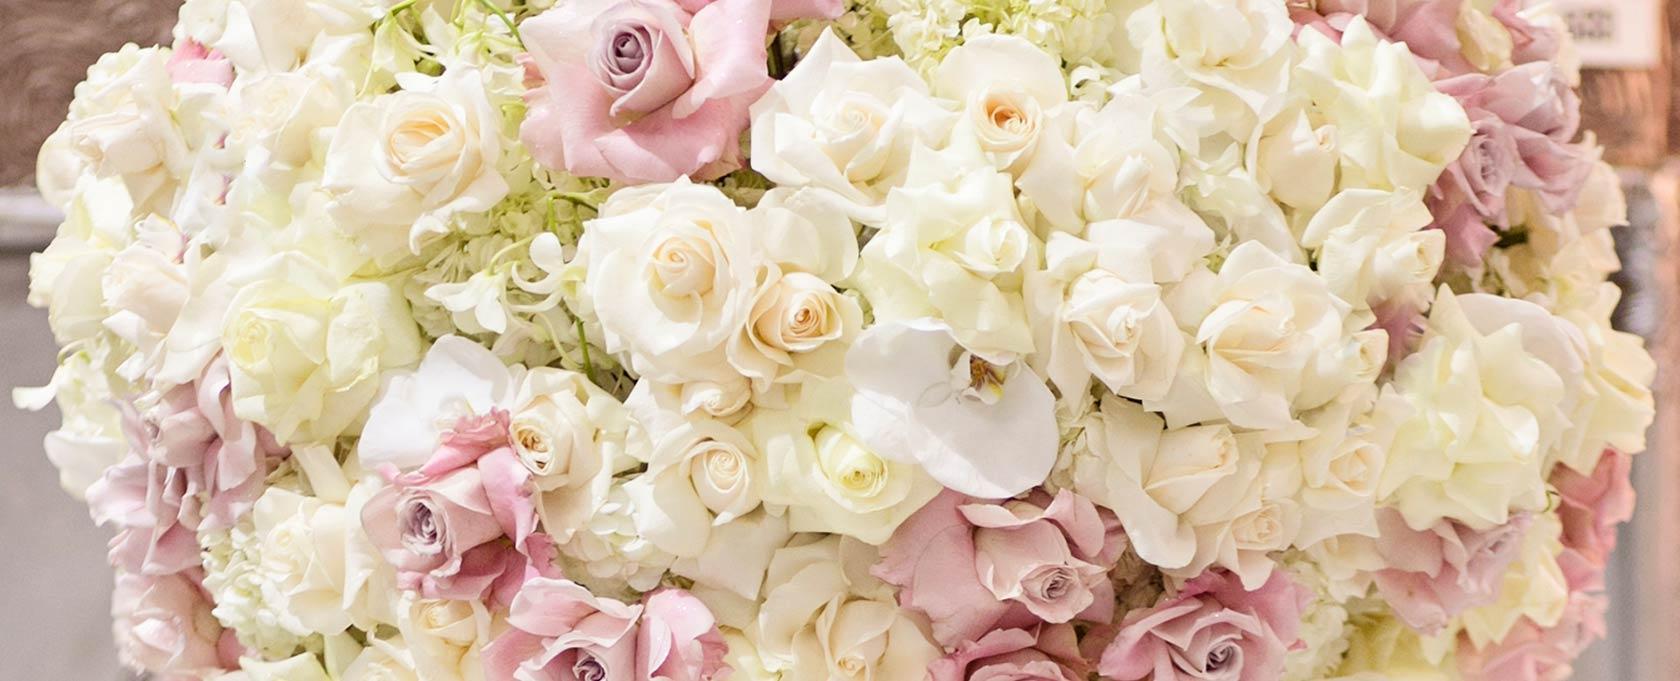 sal-floral-design